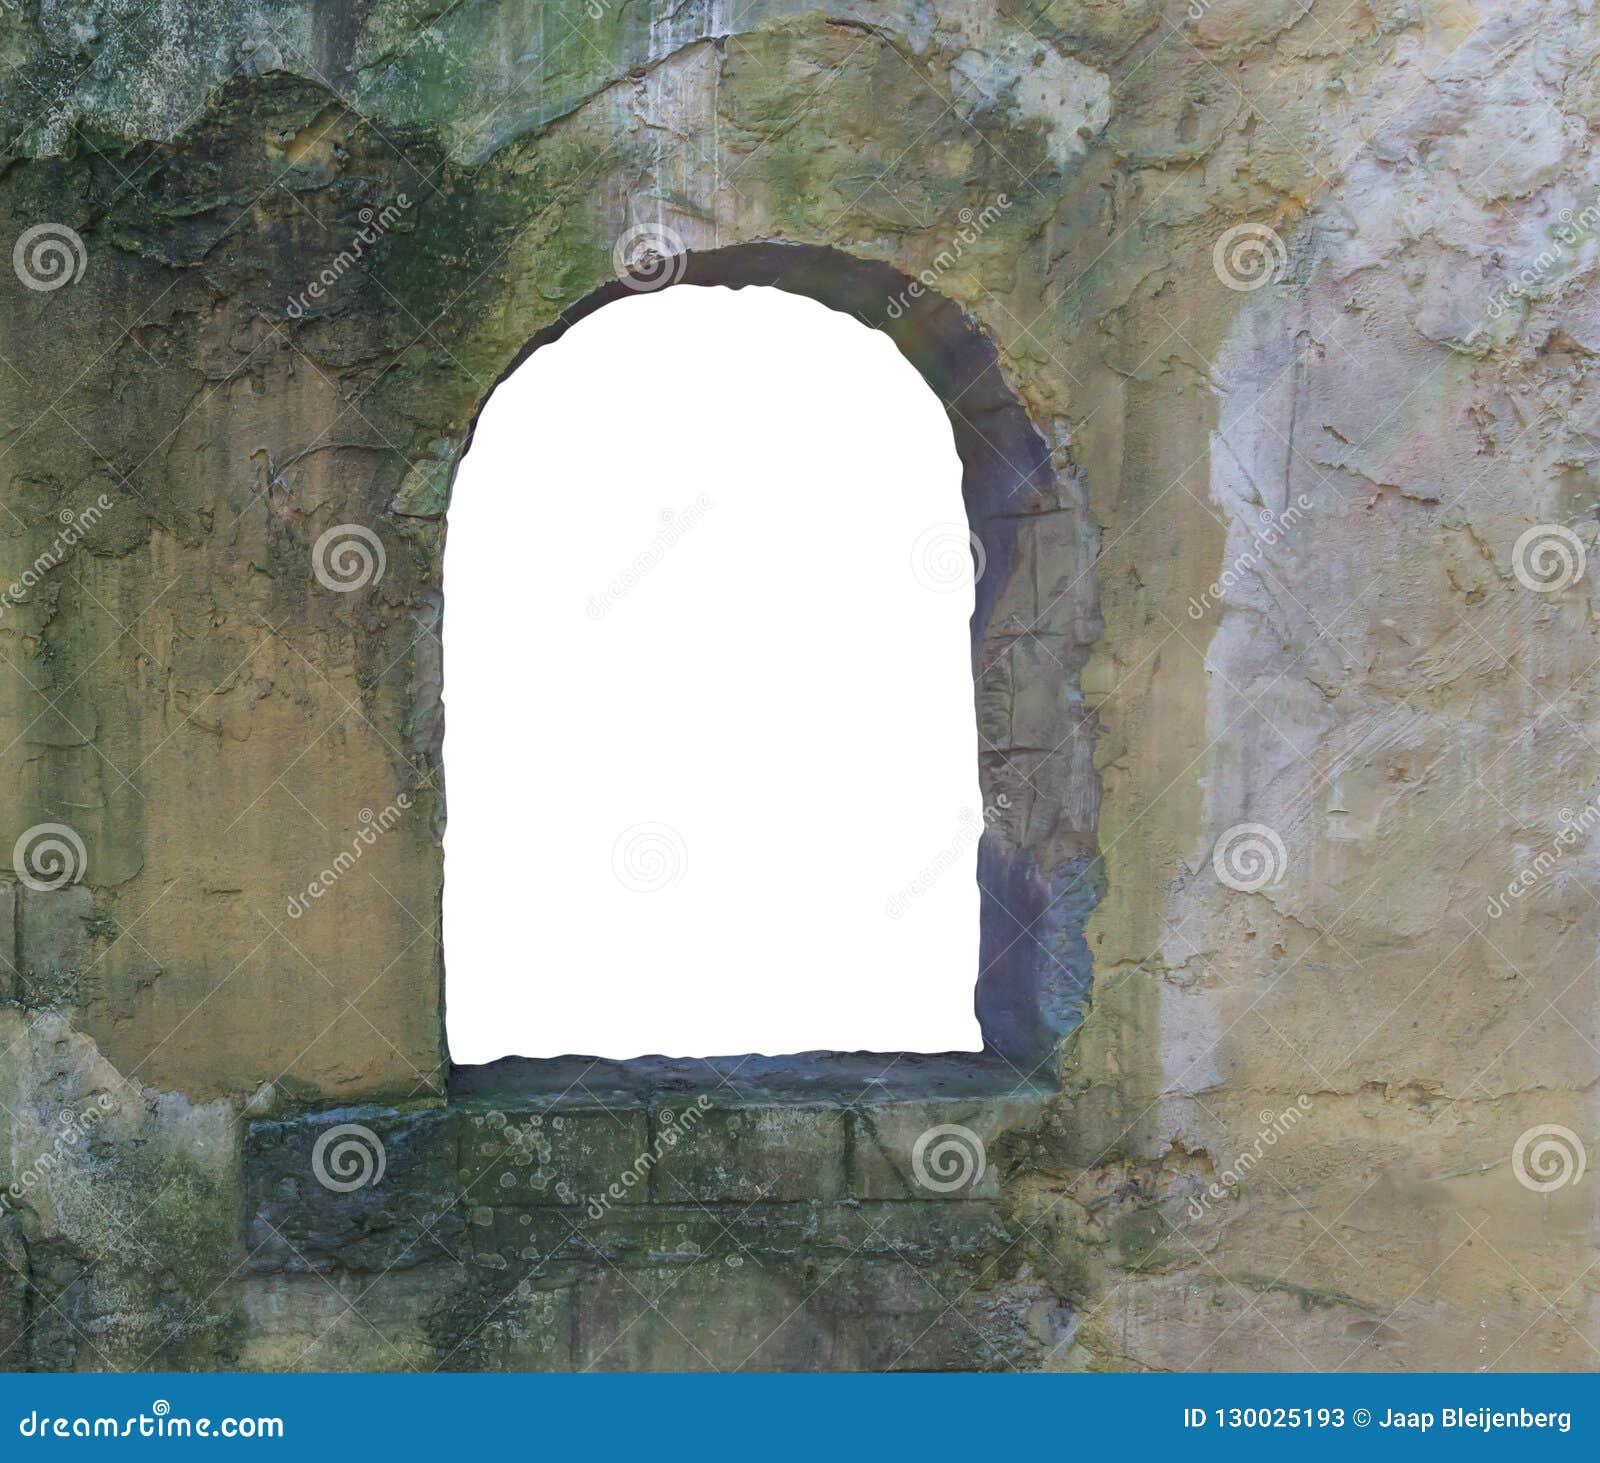 Alte schmutzige Steinwand mit einem Rahmen des offenen Fensters herausgeschnitten und auf weißer mittelalterlicher Hintergrundbes